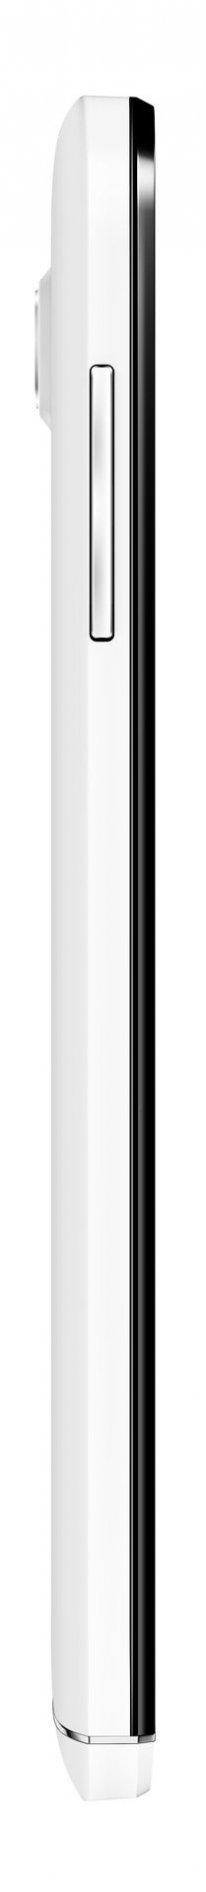 Wiko Slide Side Blanc